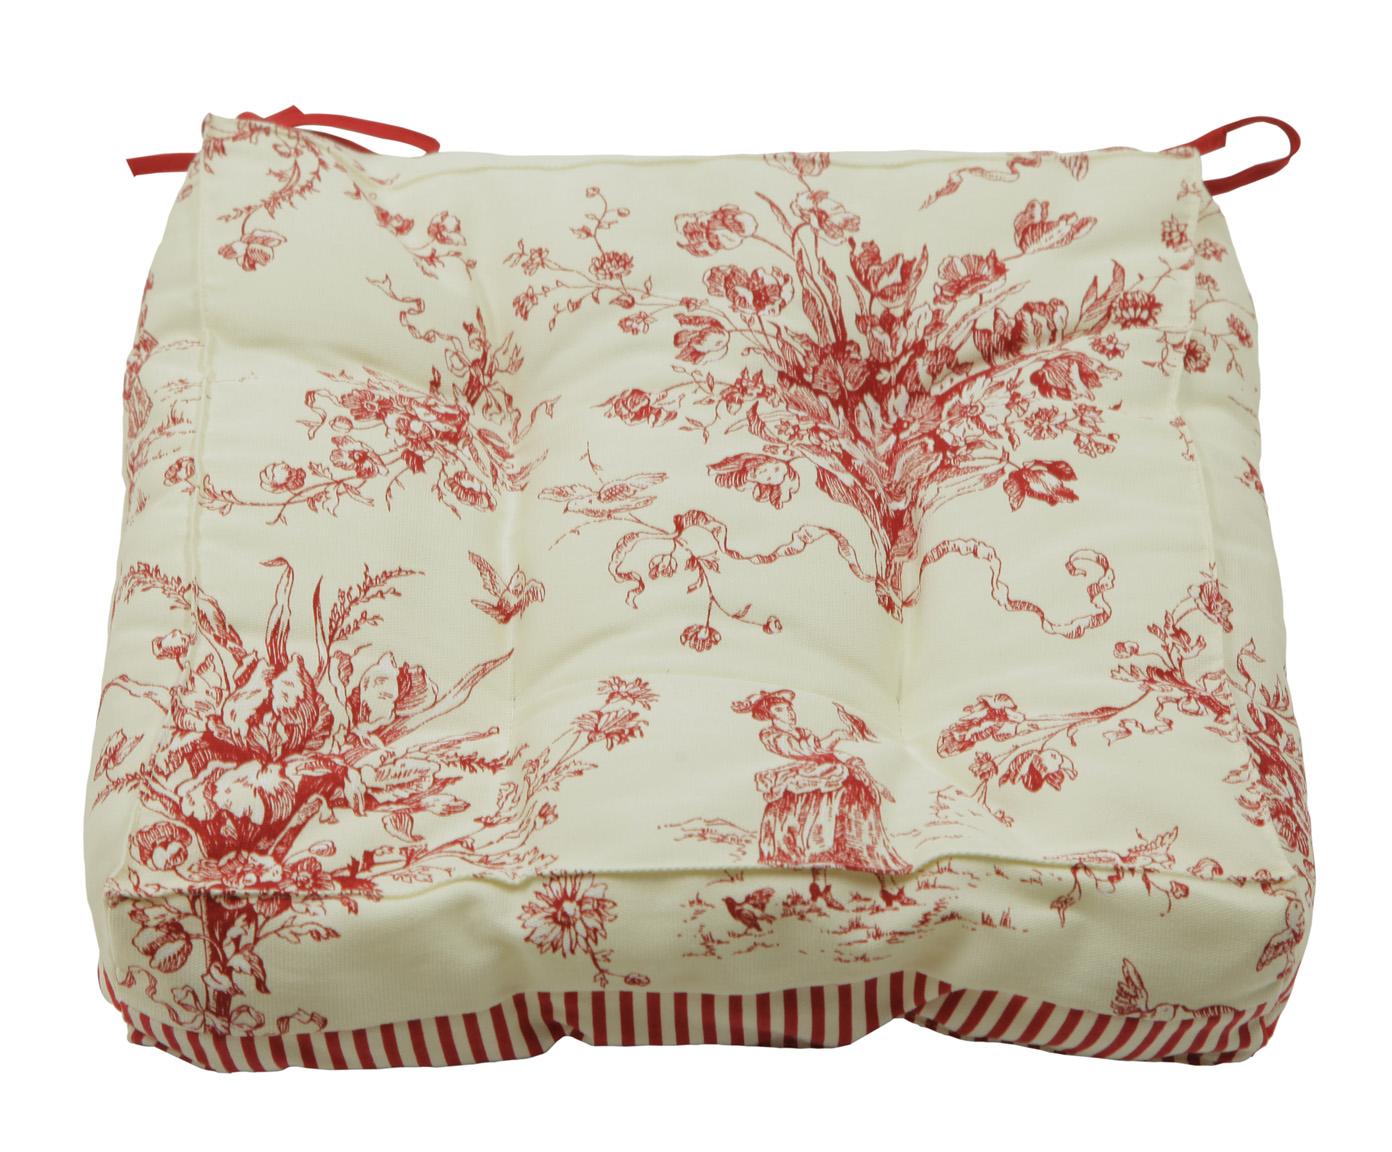 Подушка-сидушка на стул Жуи БордоКвадратные подушки и наволочки<br>Обратная сторона в красно белую полоску.<br><br>Material: Хлопок<br>Ширина см: 40.0<br>Высота см: 0.7<br>Глубина см: 40.0